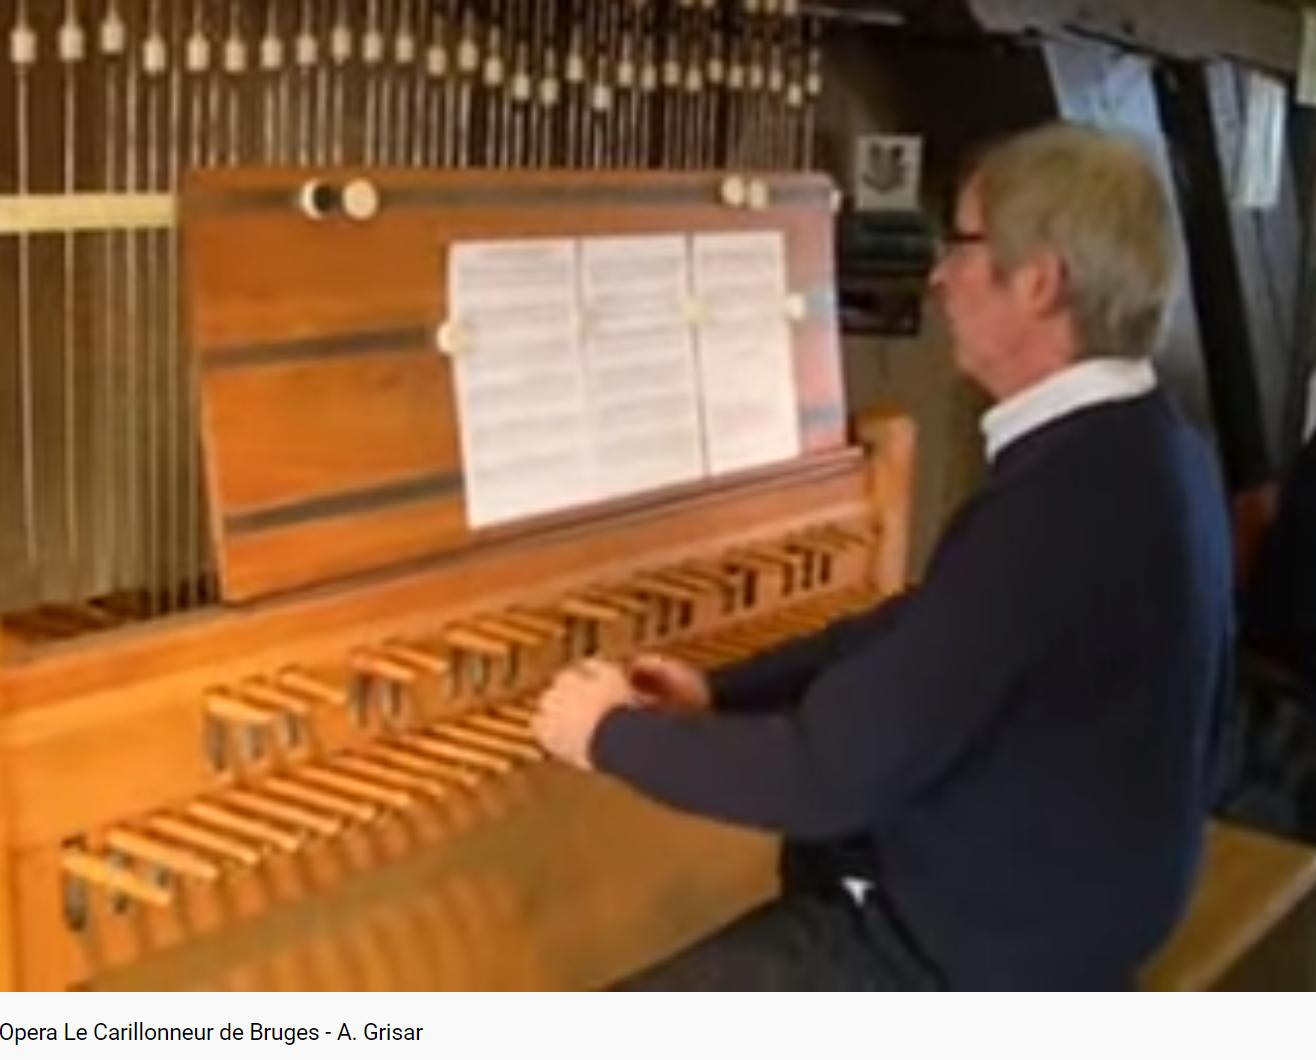 Grisar Le Carillonneur de Bruges